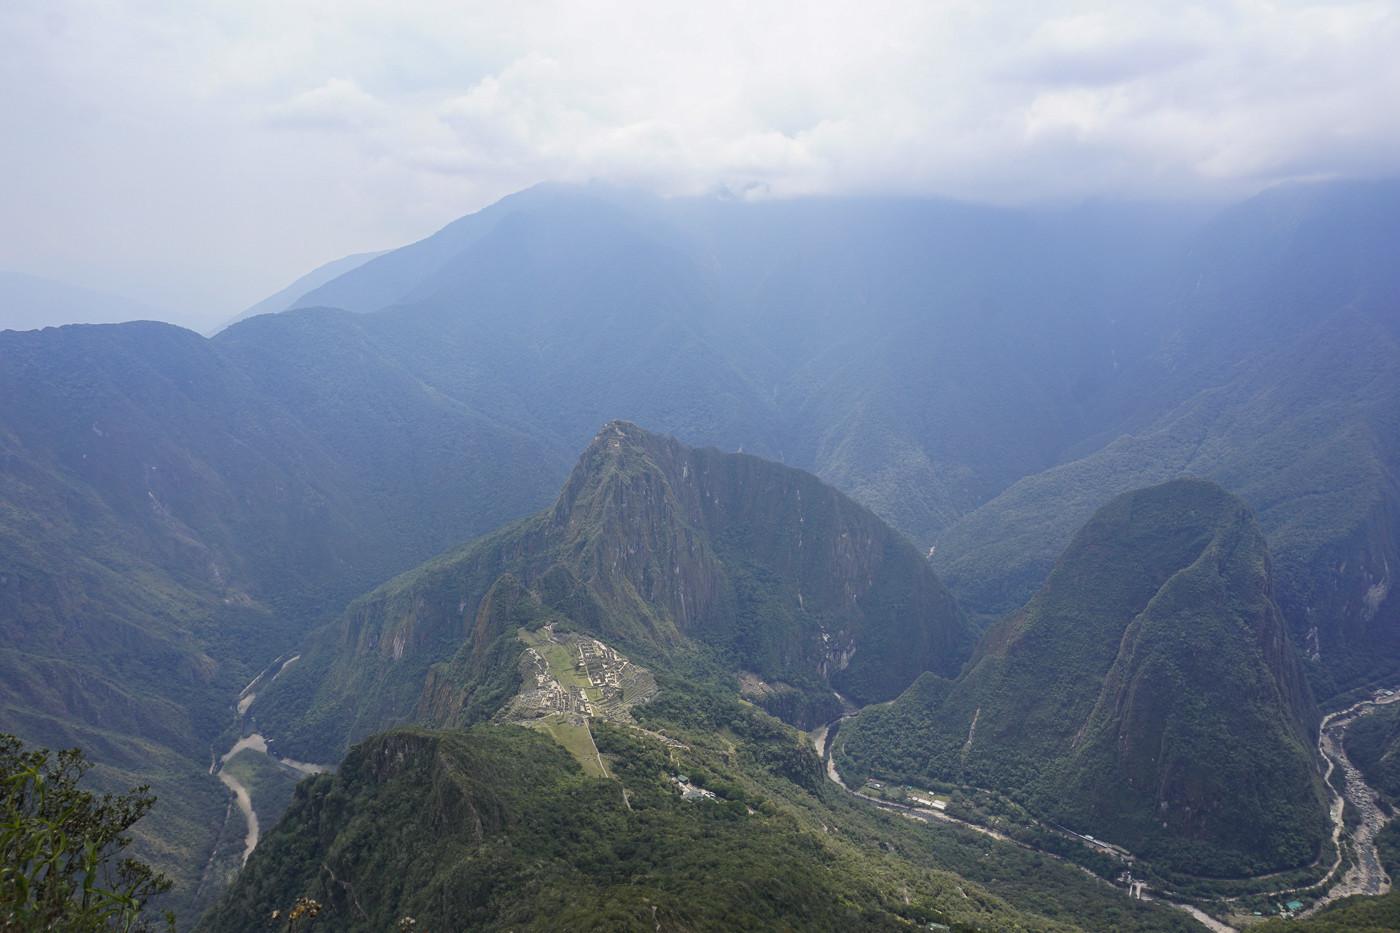 Der sagenhafte Ausblick vom Machu Picchu Mountain. Die Ruinen sind sehr klein zu sehen, hier weiß man, was man geschafft hat! Immerhin liegt der Gipfel auf stattlichen 3061 Metern Höhe!